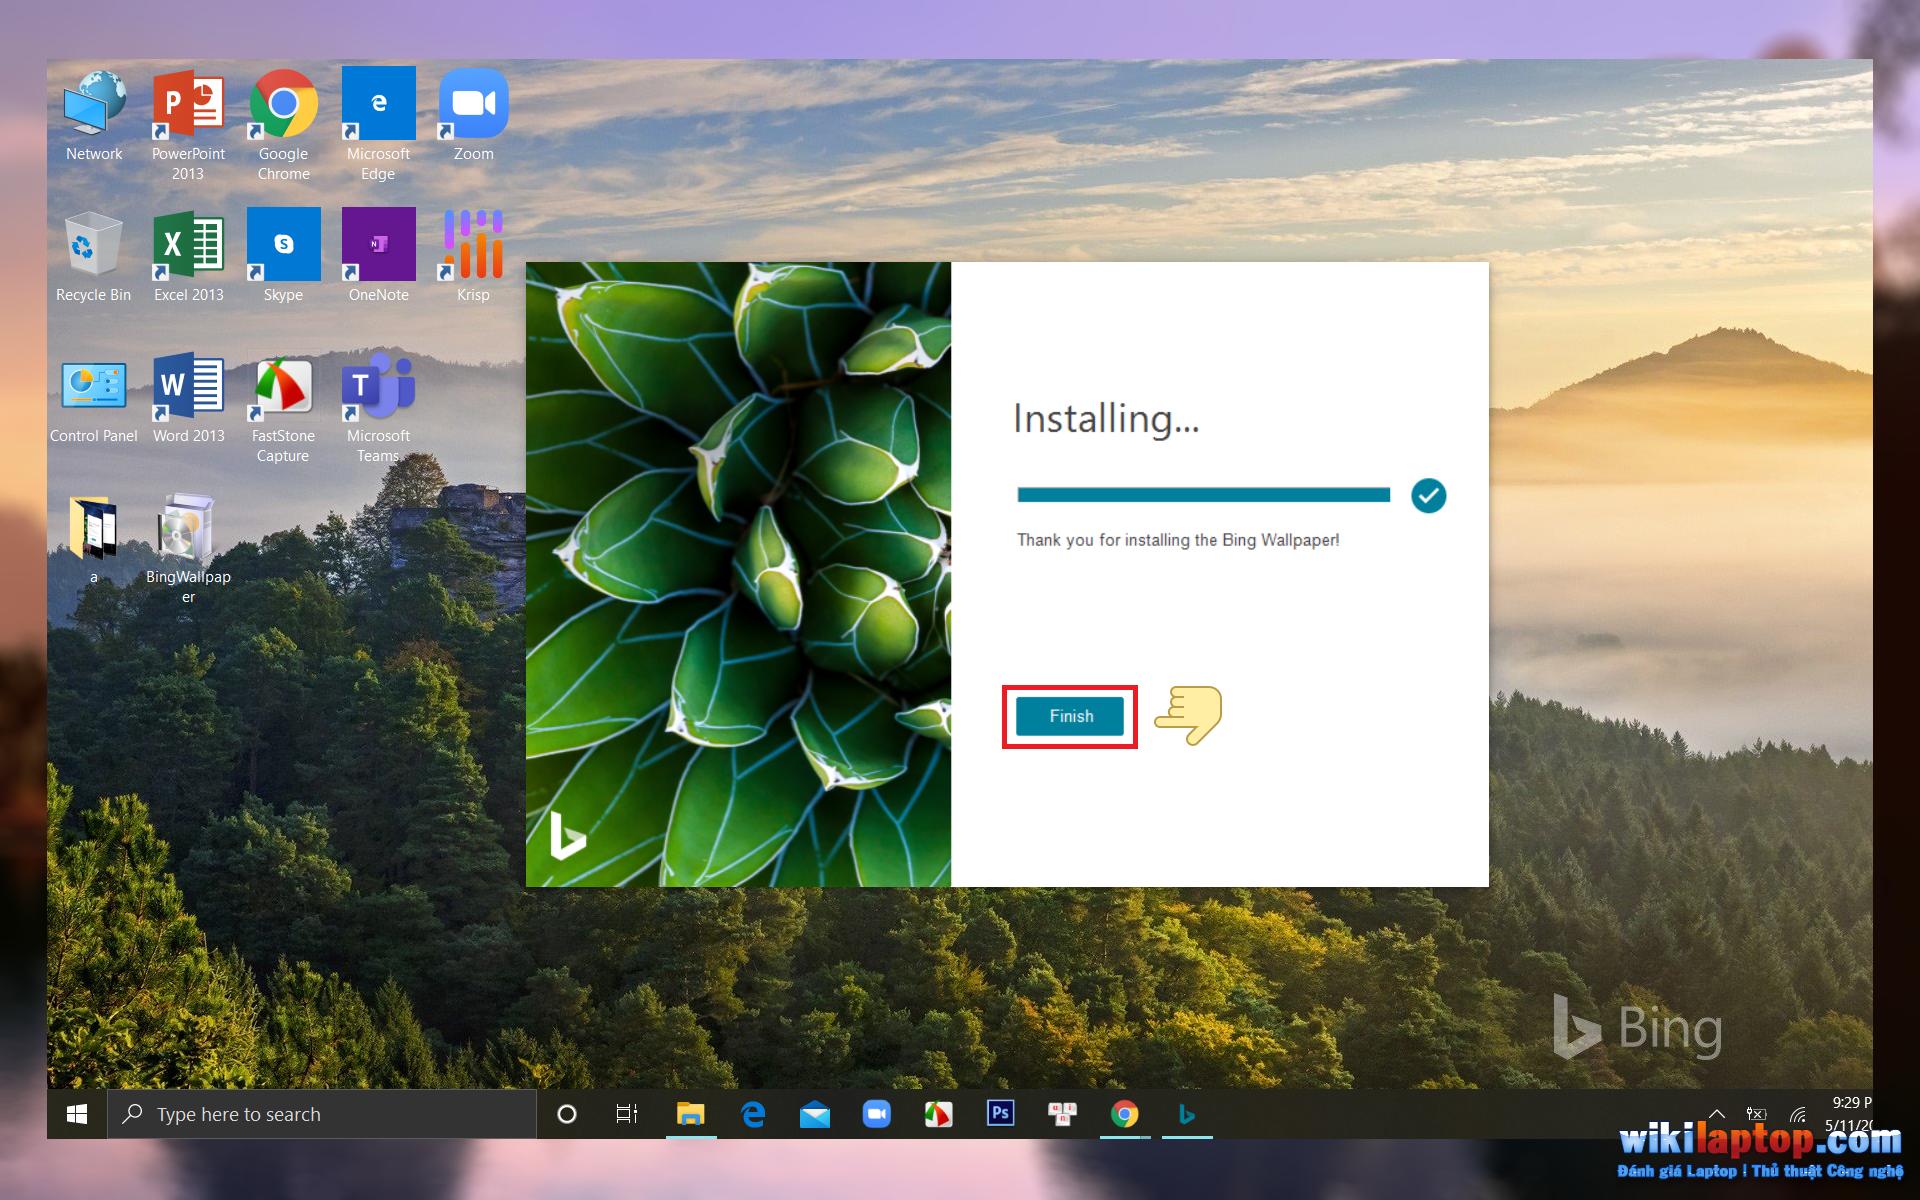 Sforum - Thay đổi trang thông tin công nghệ mới nhất-desktop-hình nền-ngay lập tức với Bing-Wallpaper4 Cách tự động thay đổi hình nền máy tính để bàn thông qua ứng dụng Hình nền Bing